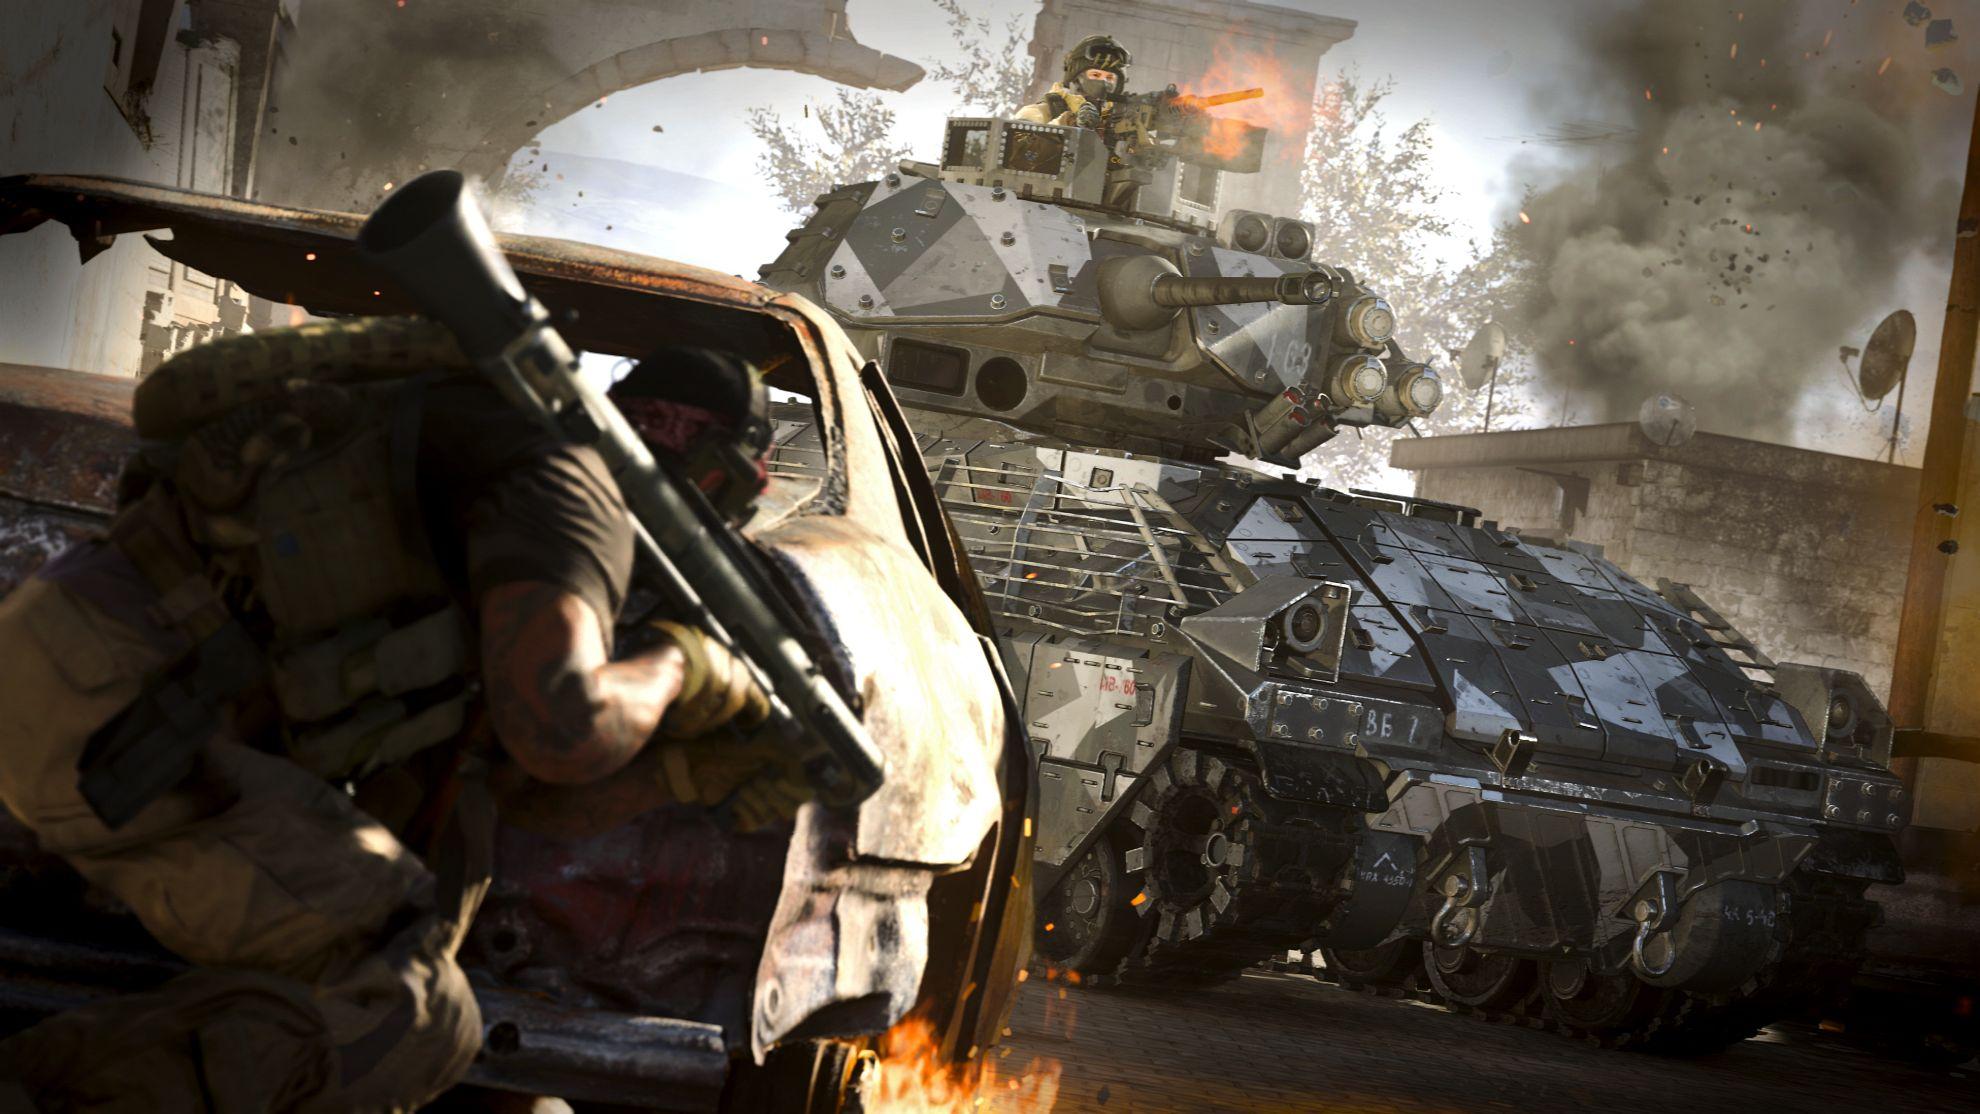 Call of Duty: Modern Warfare hat eine echte Chance, Battlefield-Fans zu beeinflussen, aber es muss sich über die Erwartungen der eigenen Community hinausentwickeln 2